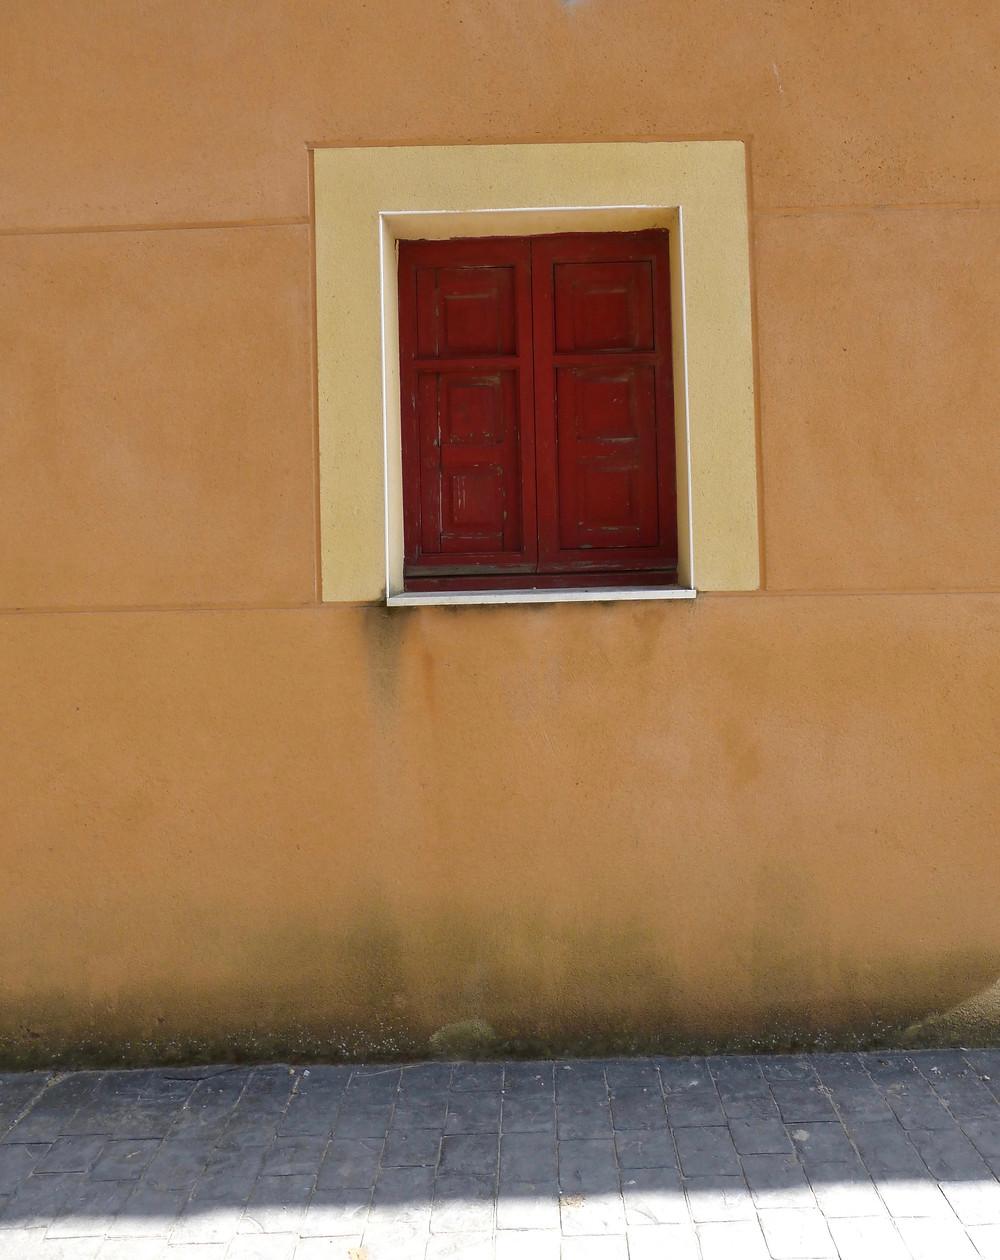 Red wooden shuttered window in Spain